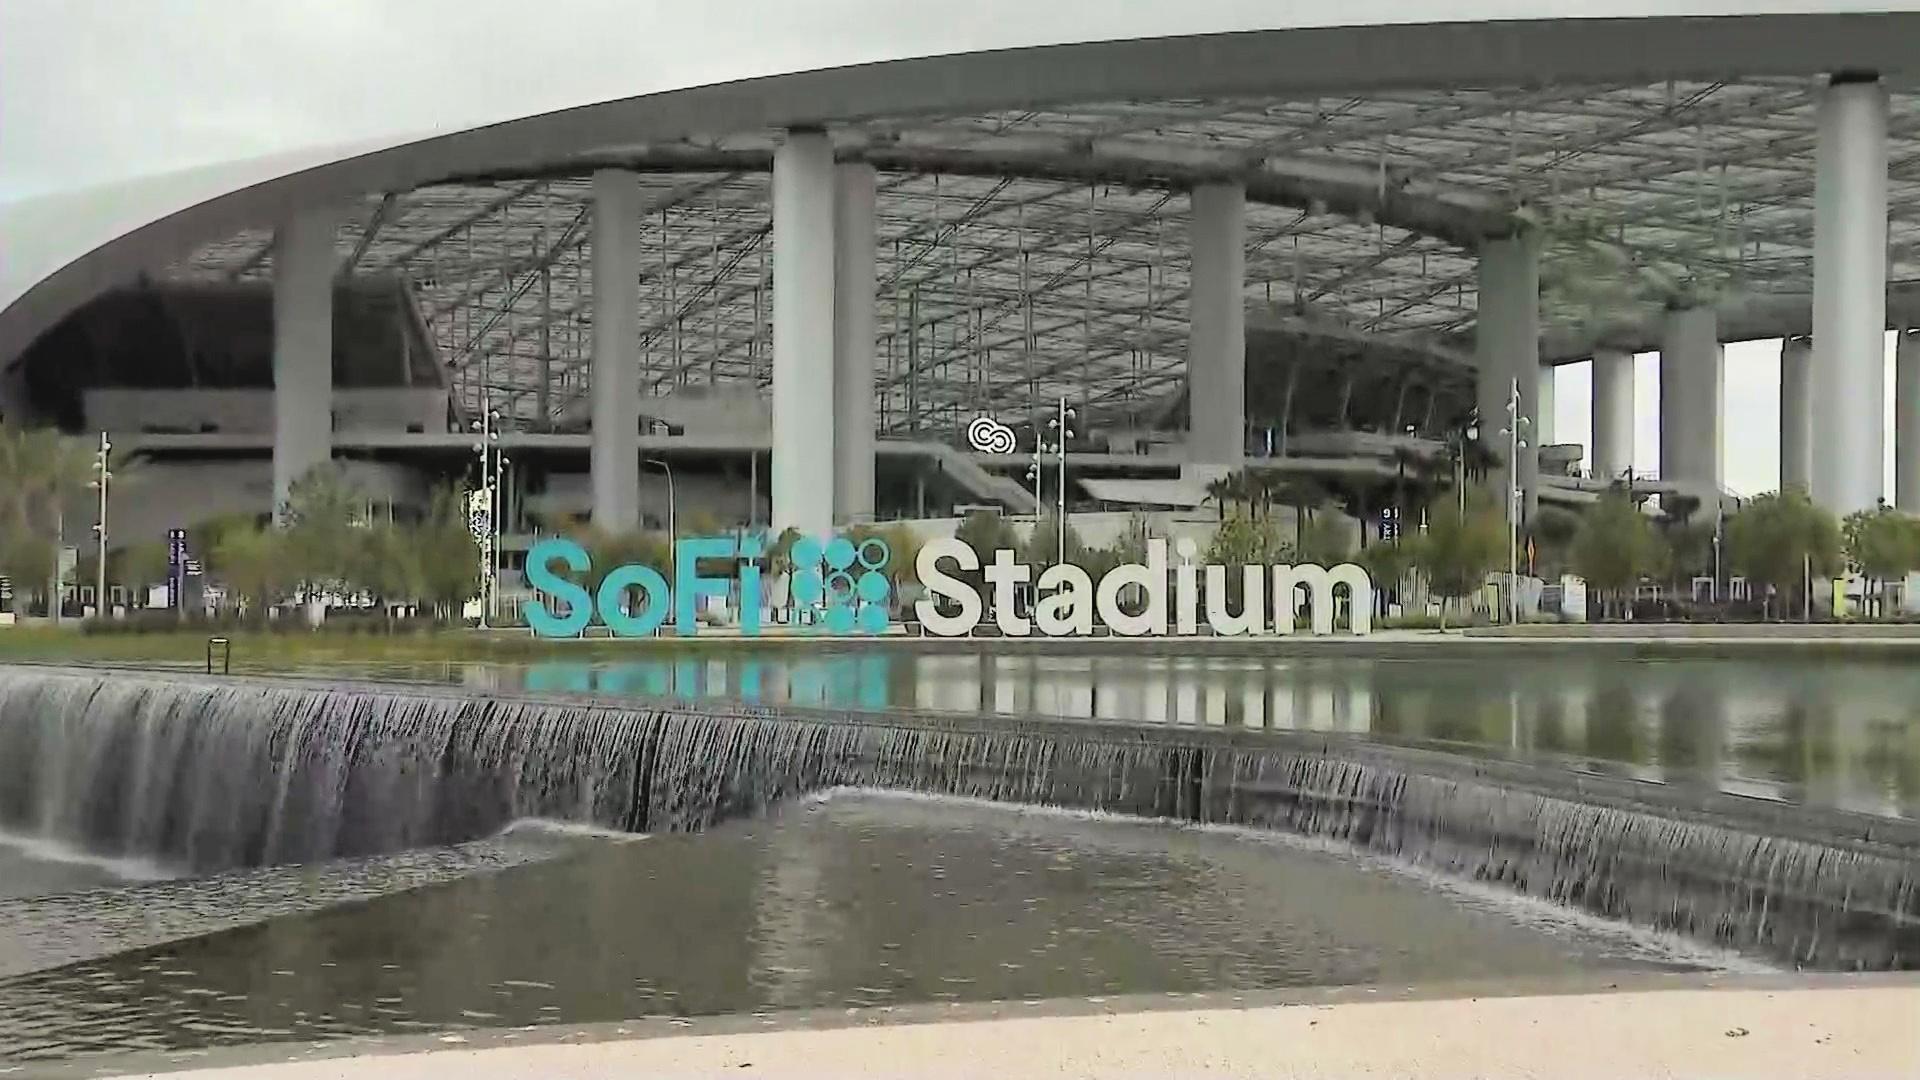 SoFi Stadium is seen on May 2, 2021. (KTLA)